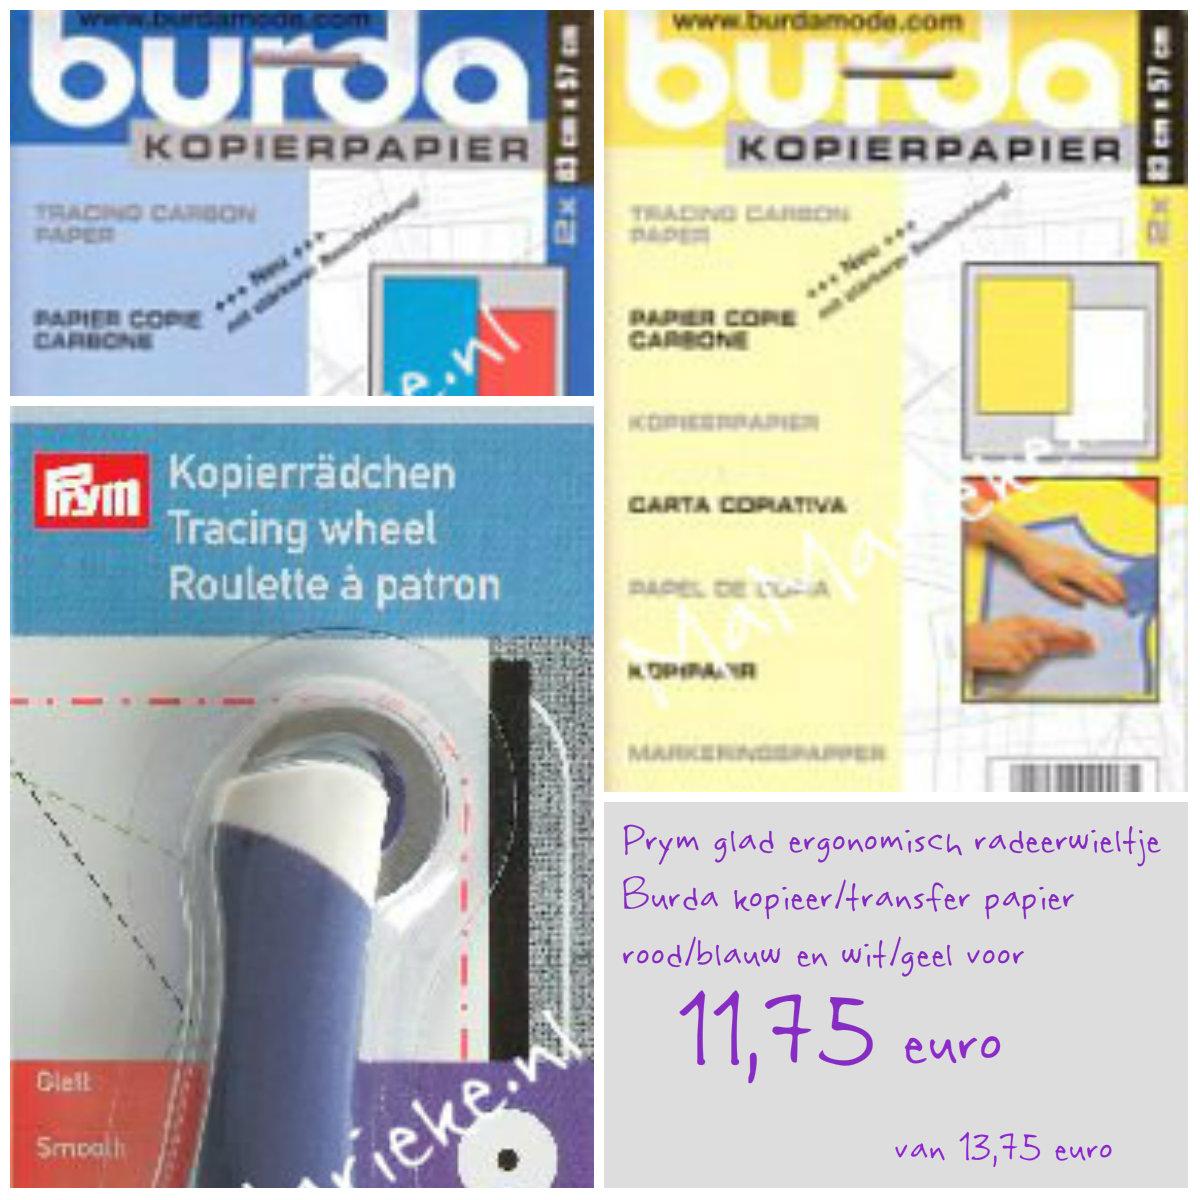 Prym radeerwieltje met Burda kopier/transfer papier, aanbieding